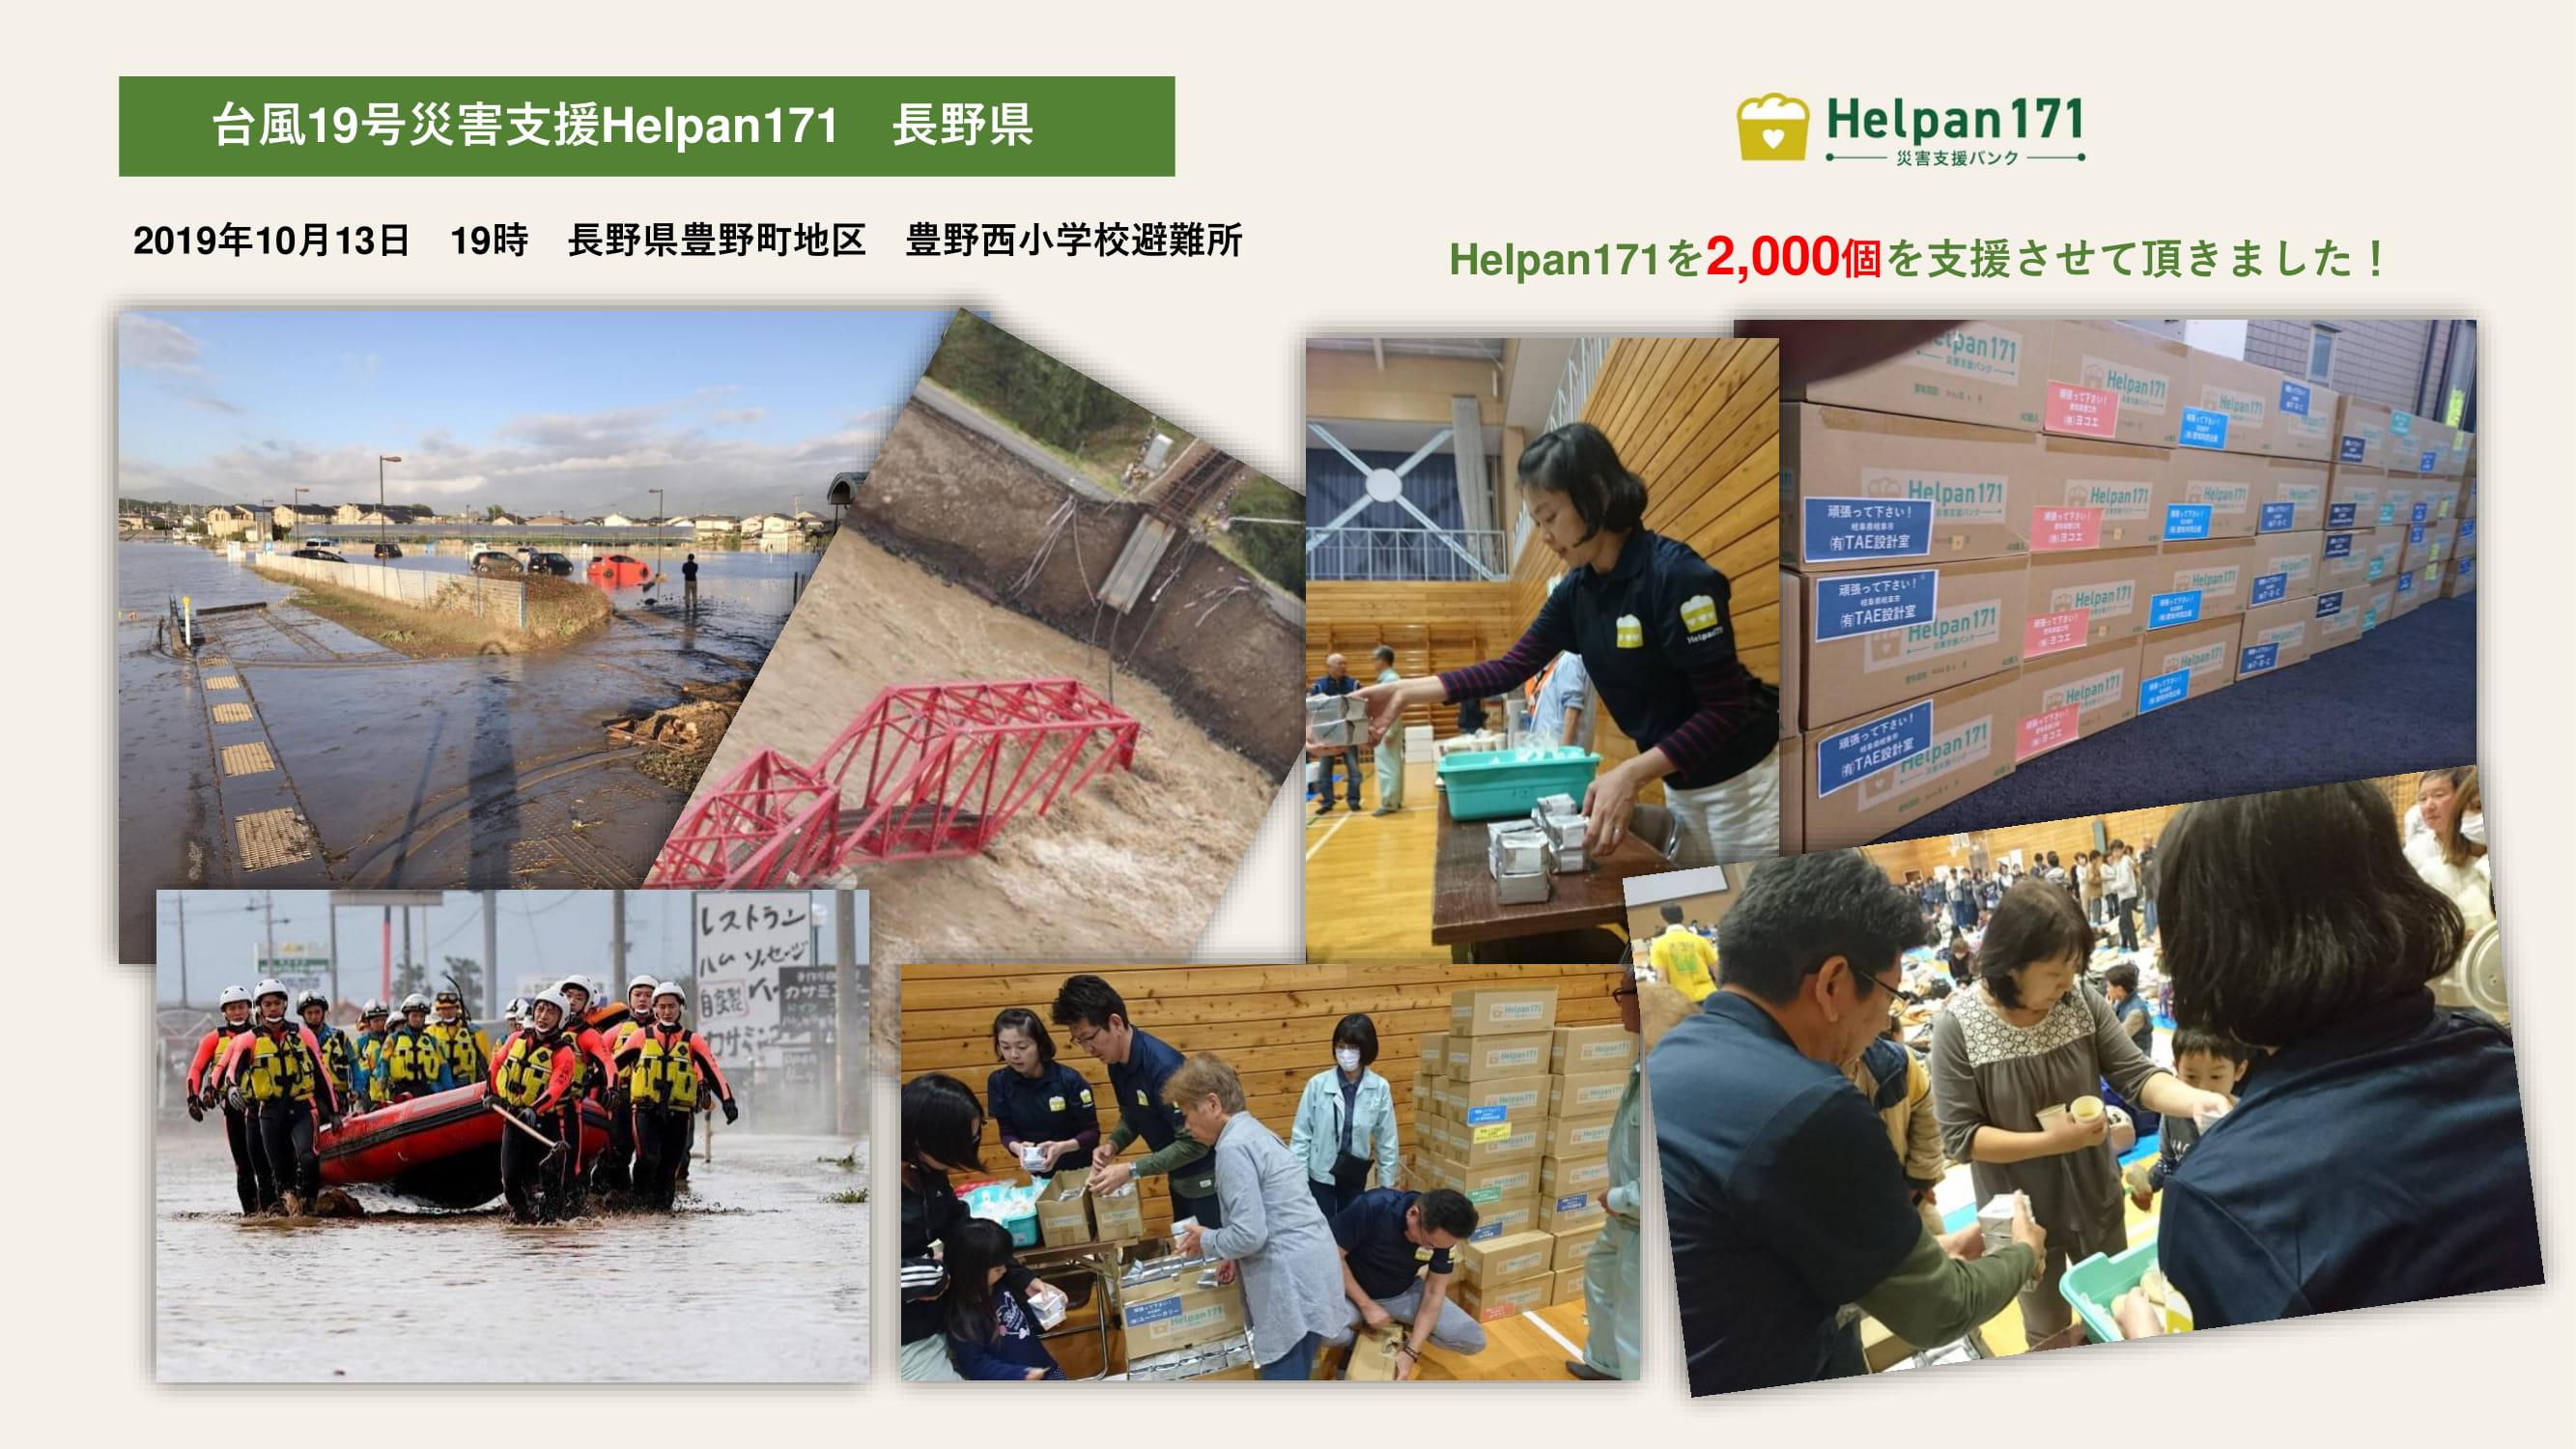 台風19号 Helpan171支援